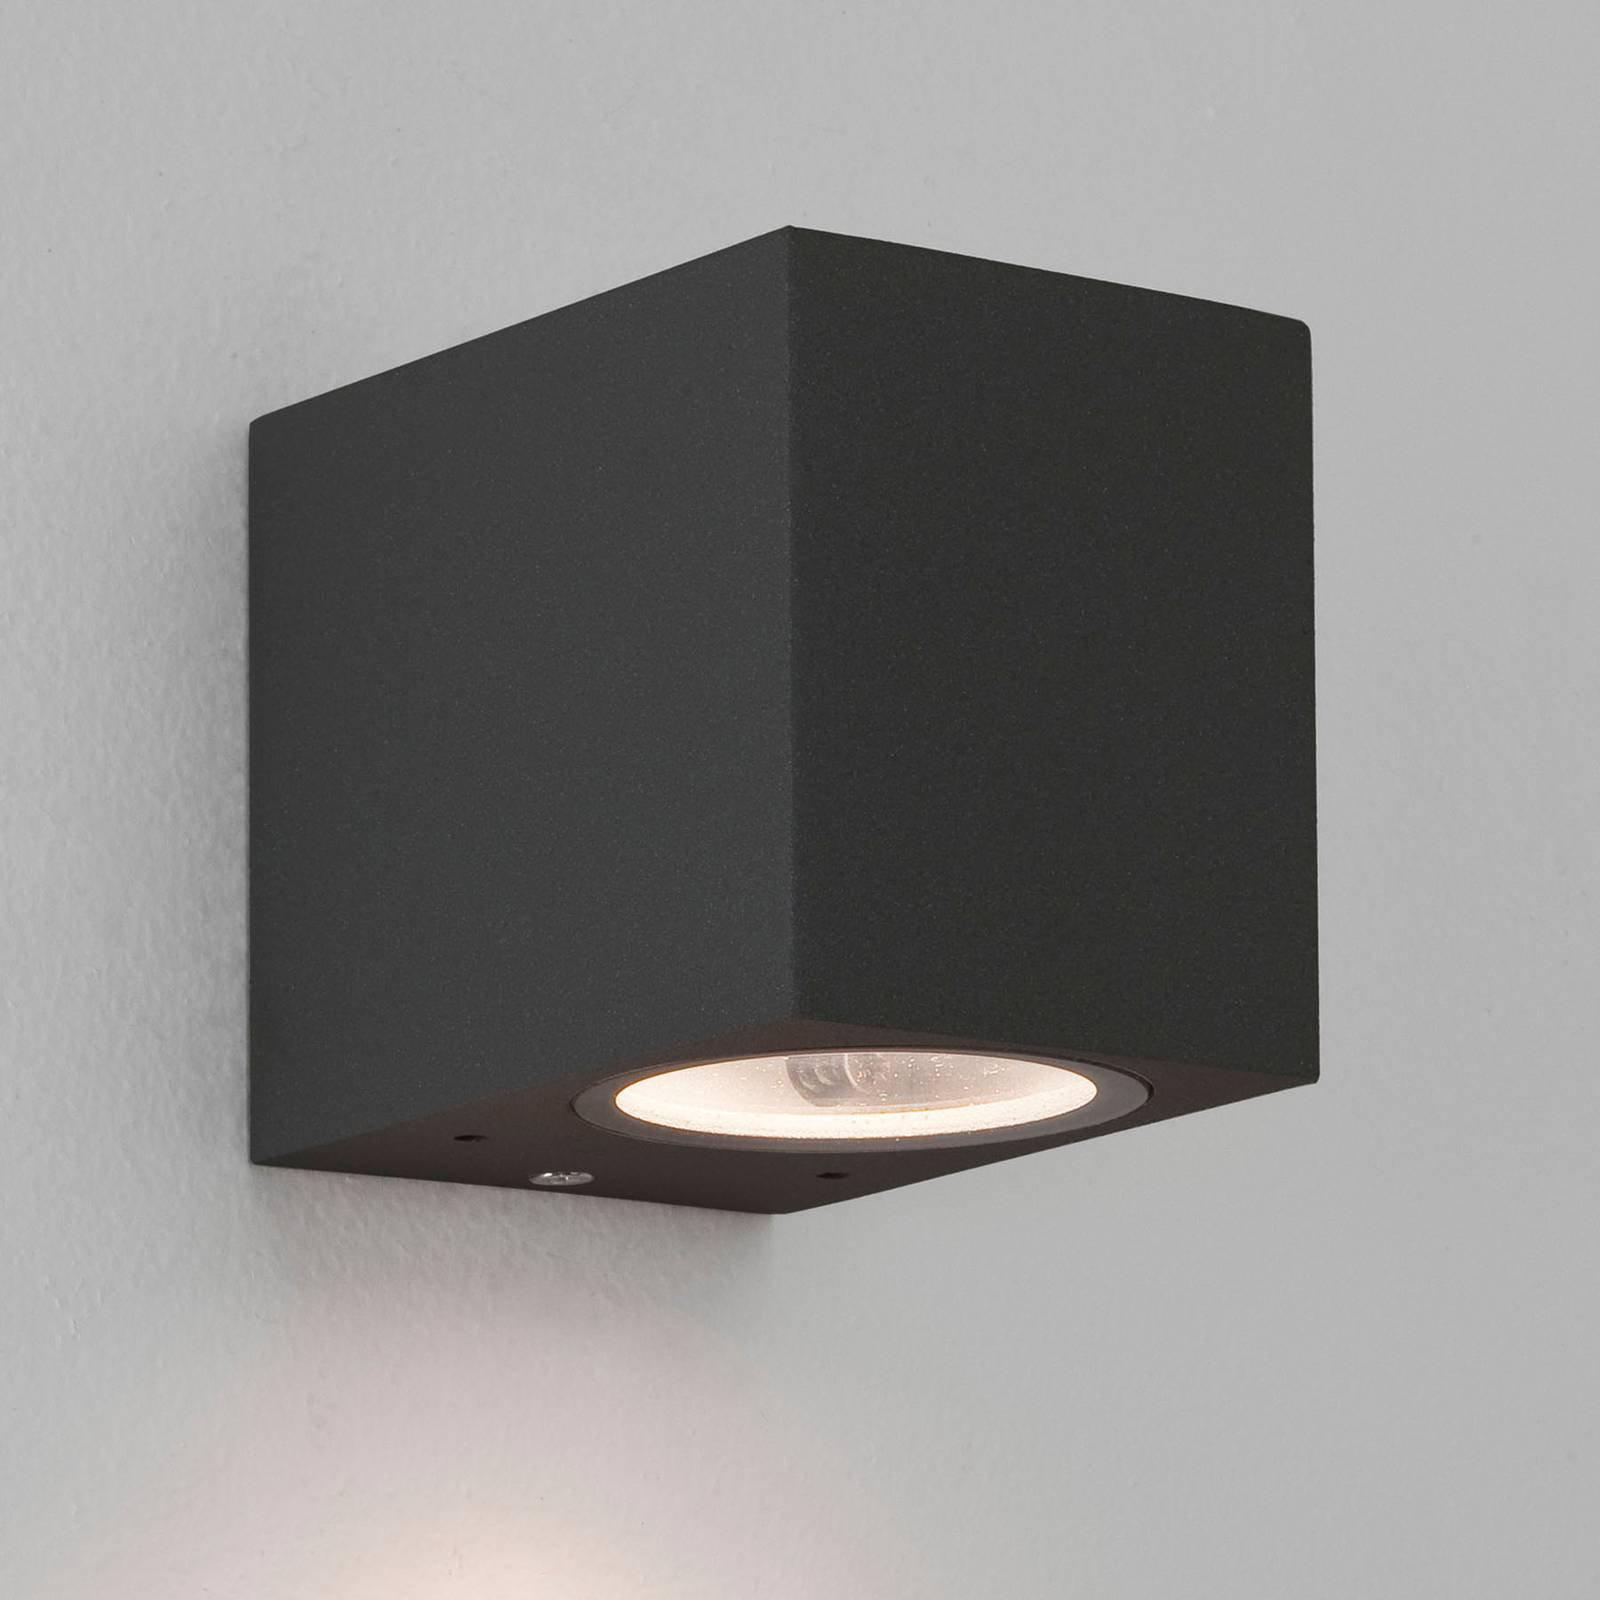 Astro Chios 80 - kompakt svart utendørs vegglampe